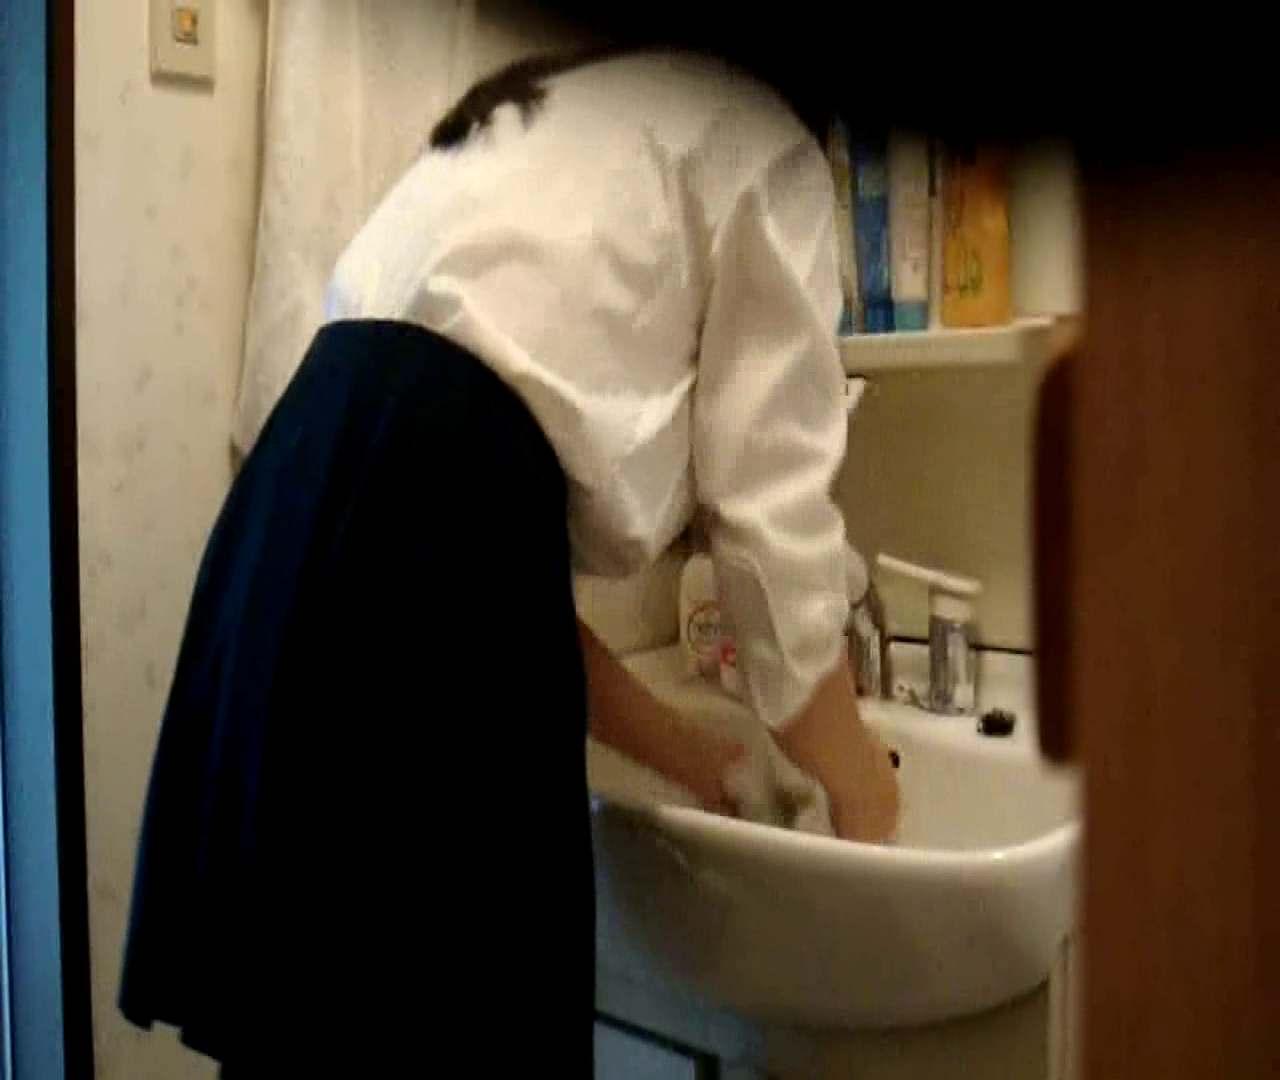 二人とも育てた甲斐がありました… vol.05 まどかが洗顔後にブラを洗濯 HなOL | 0  98pic 78